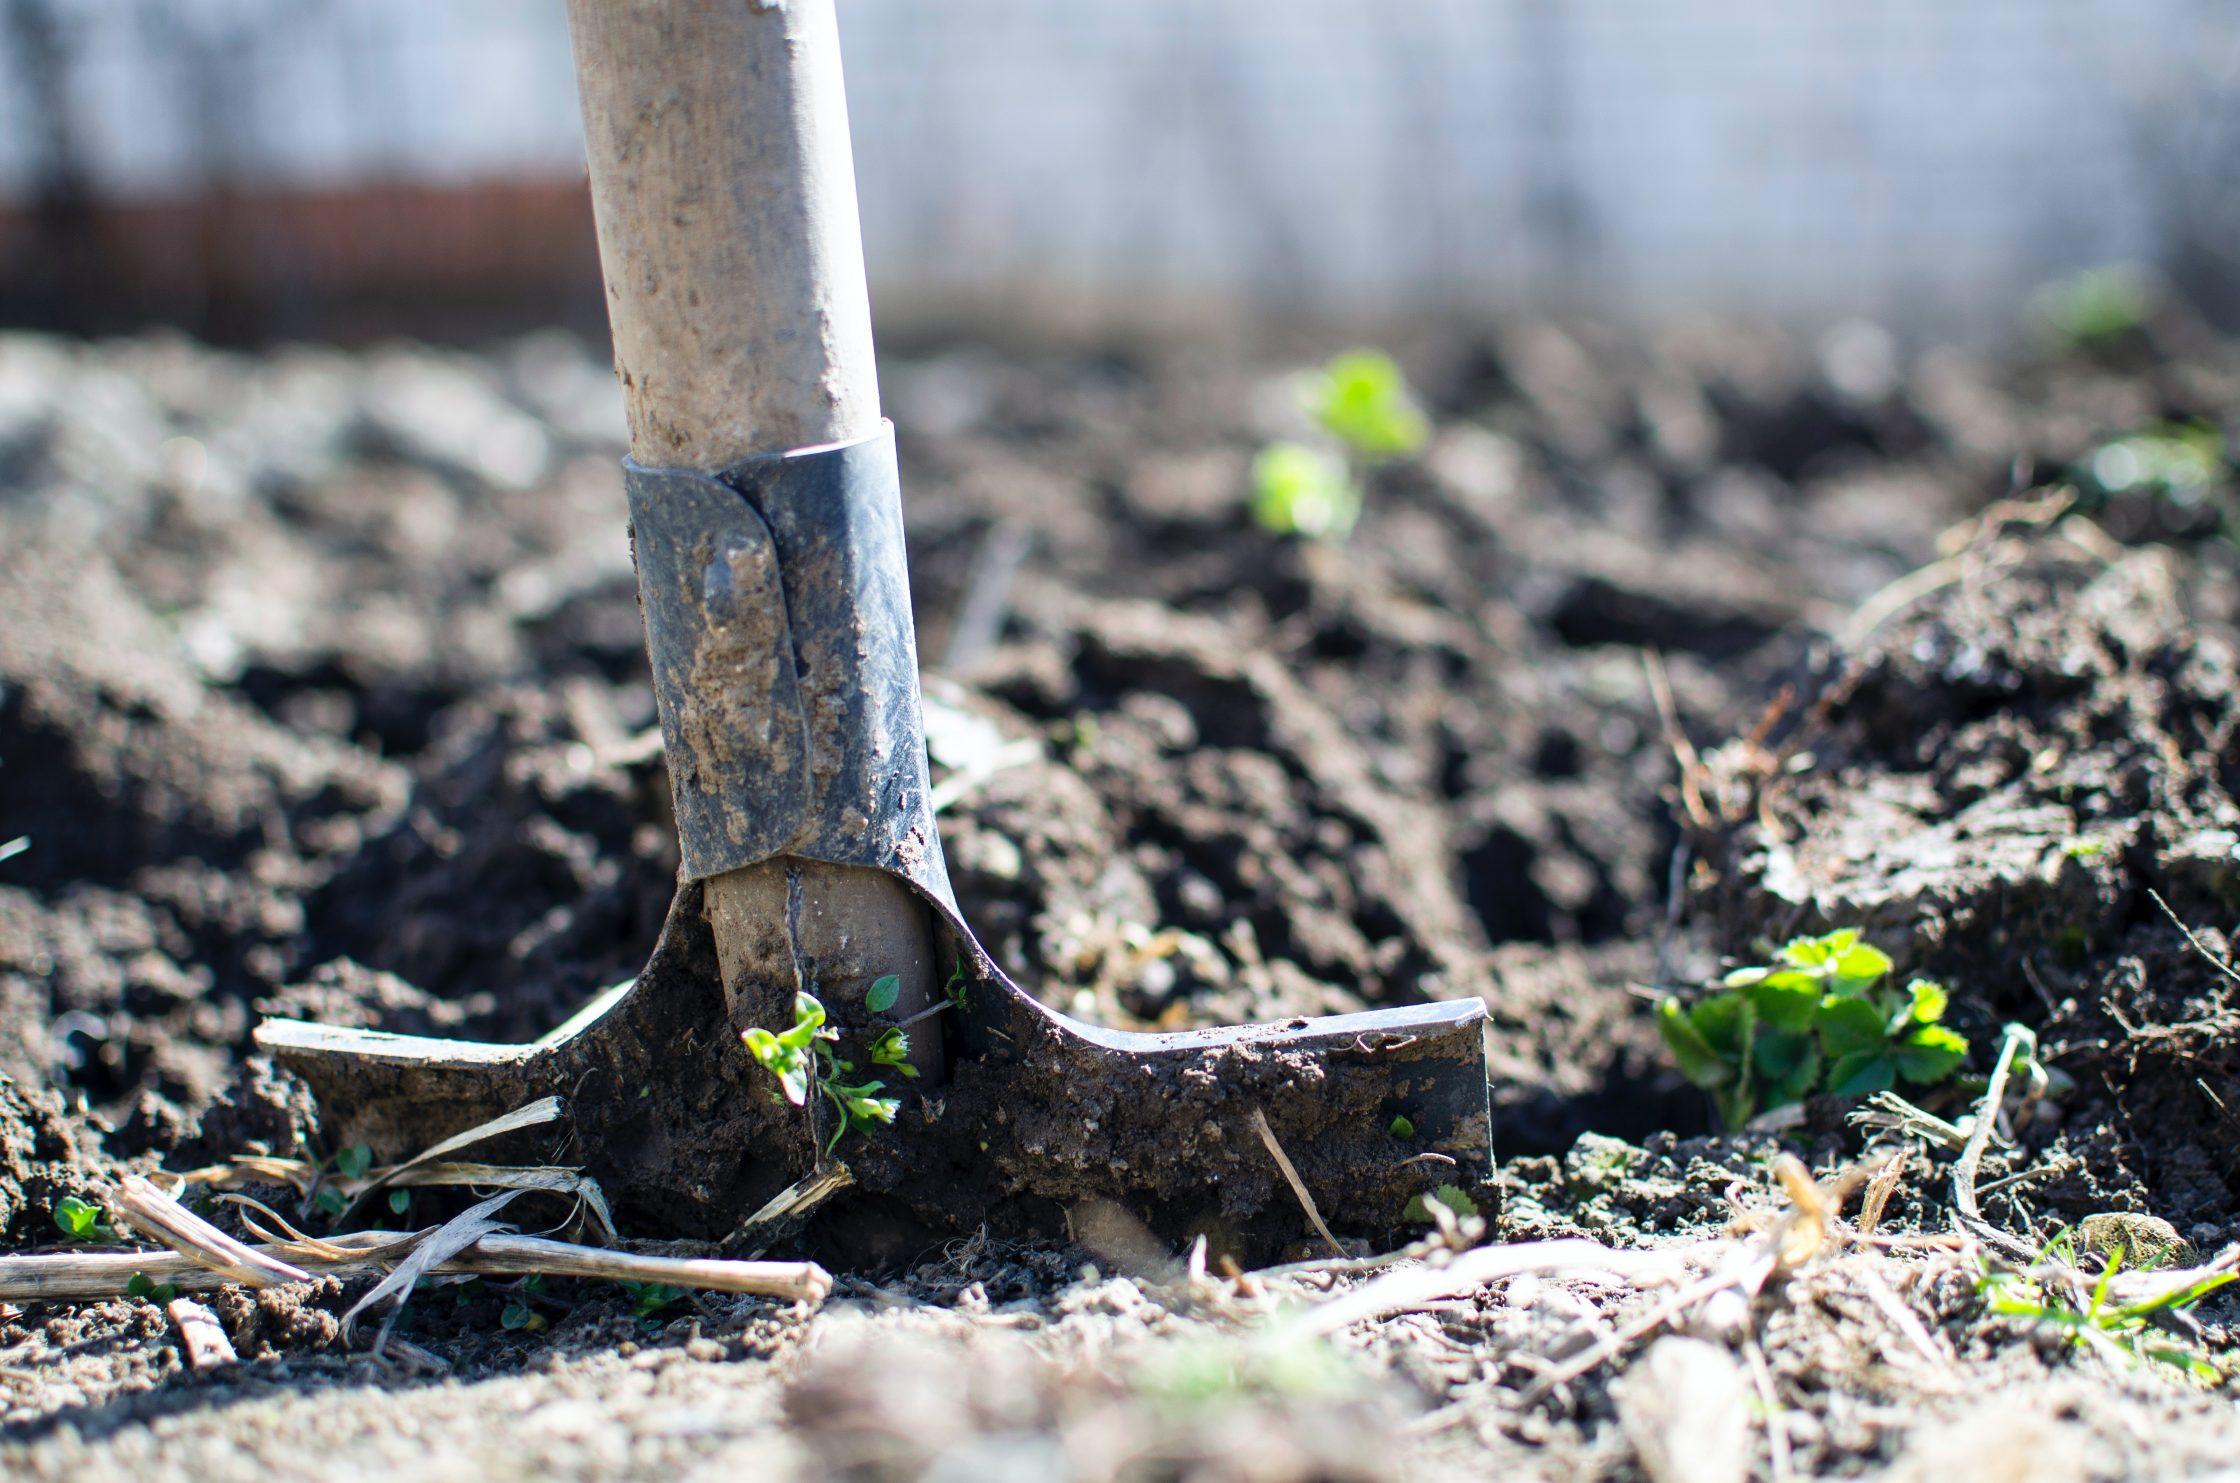 En spade som sjunker ner i jorden i ett trädgårdsland.